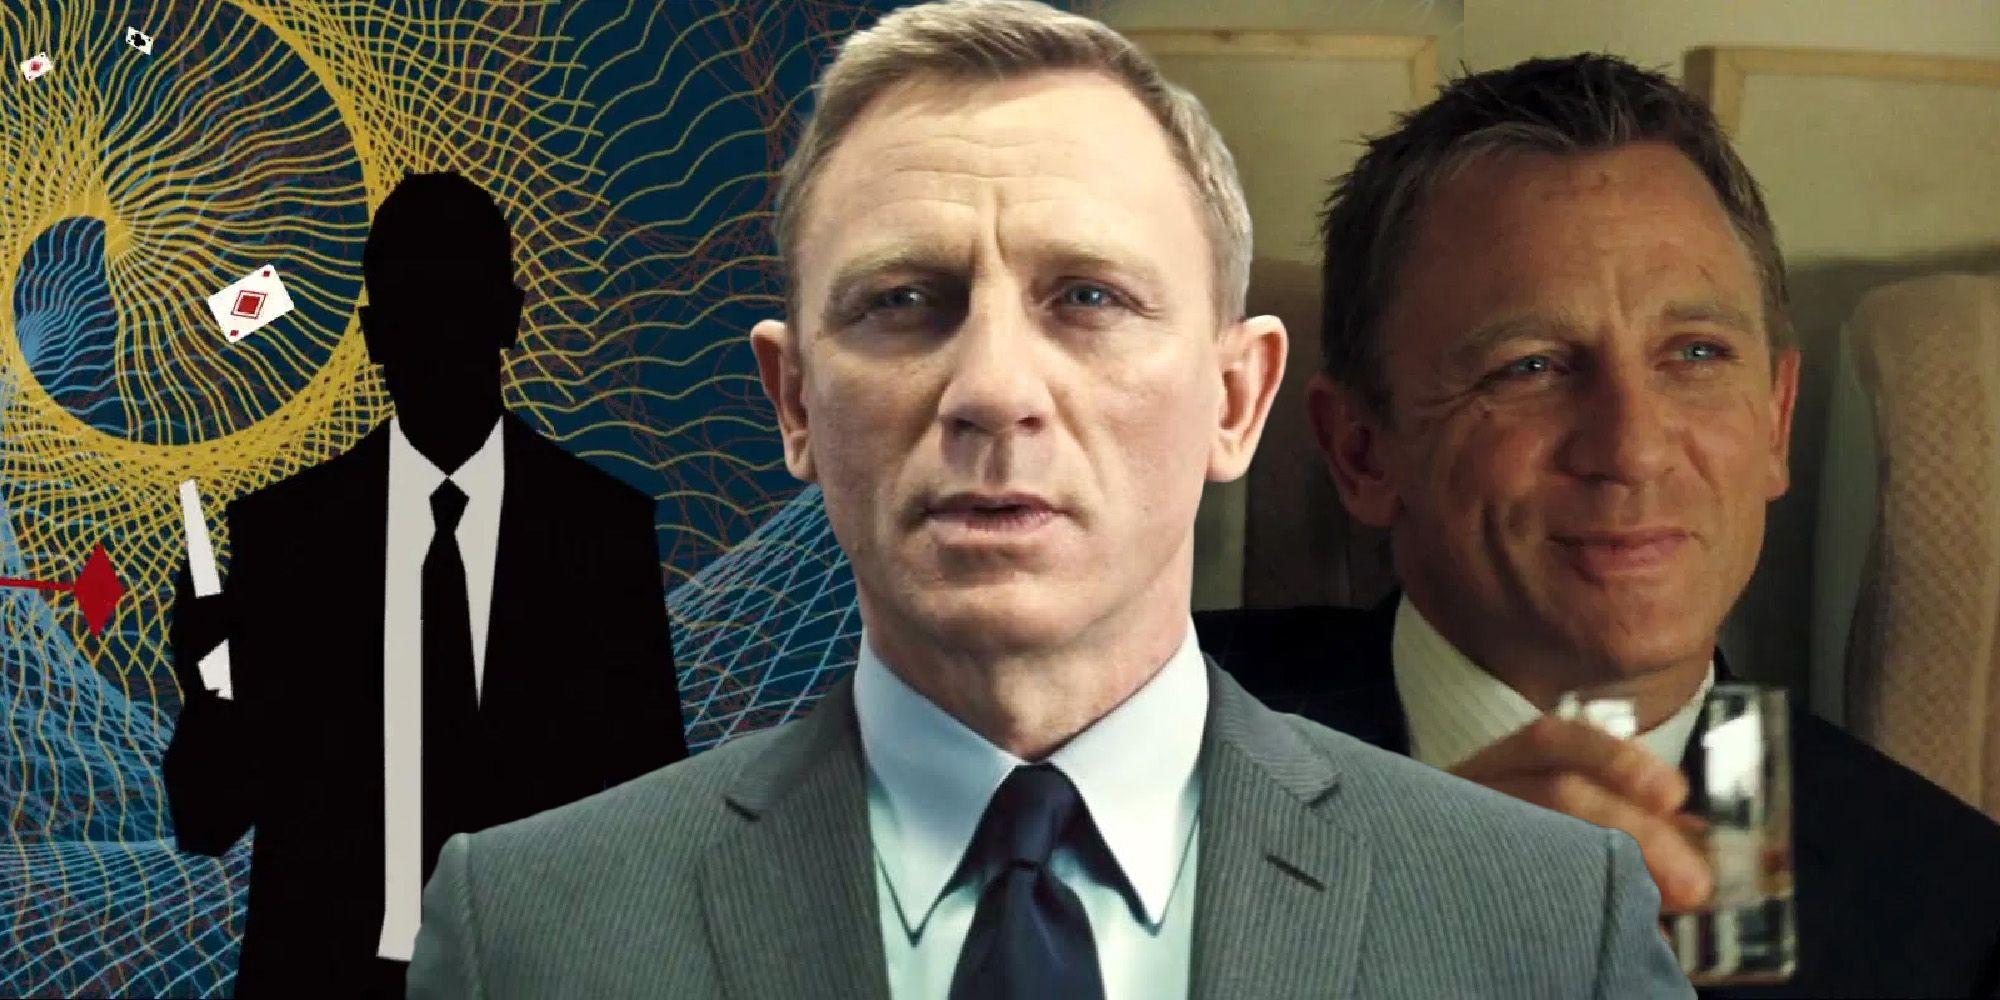 James Bond 26: Bond Needs To Be Fun Again When Daniel Craig Leaves